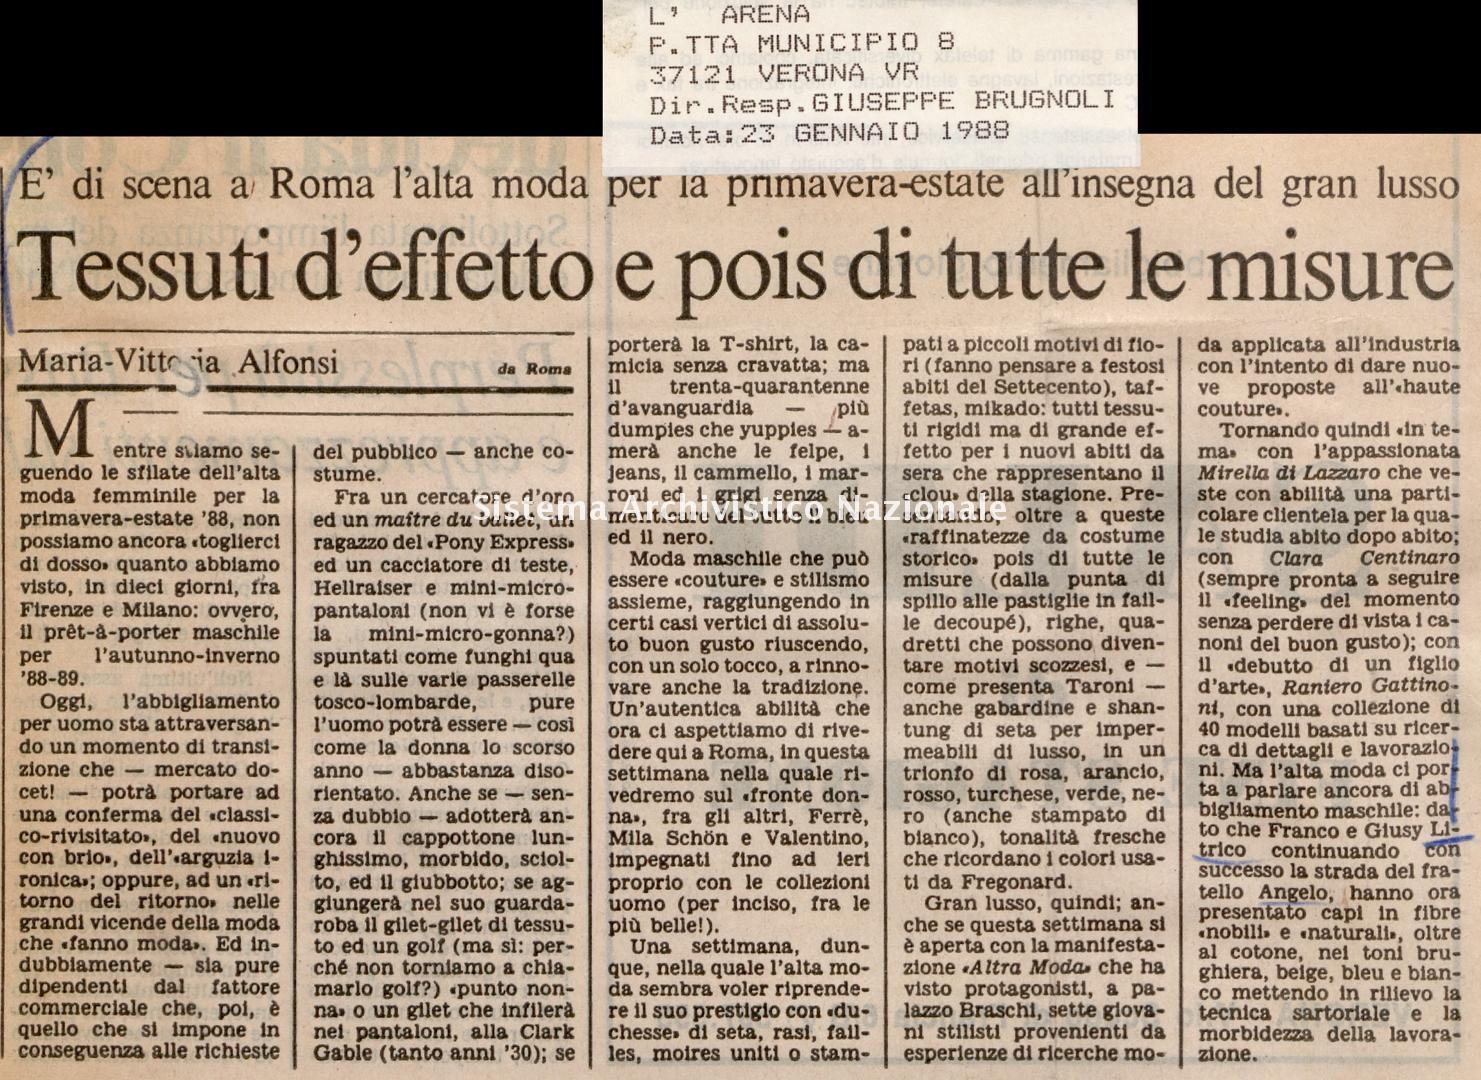 Tessuti d'effetto e pois di tutte le misure, 1988